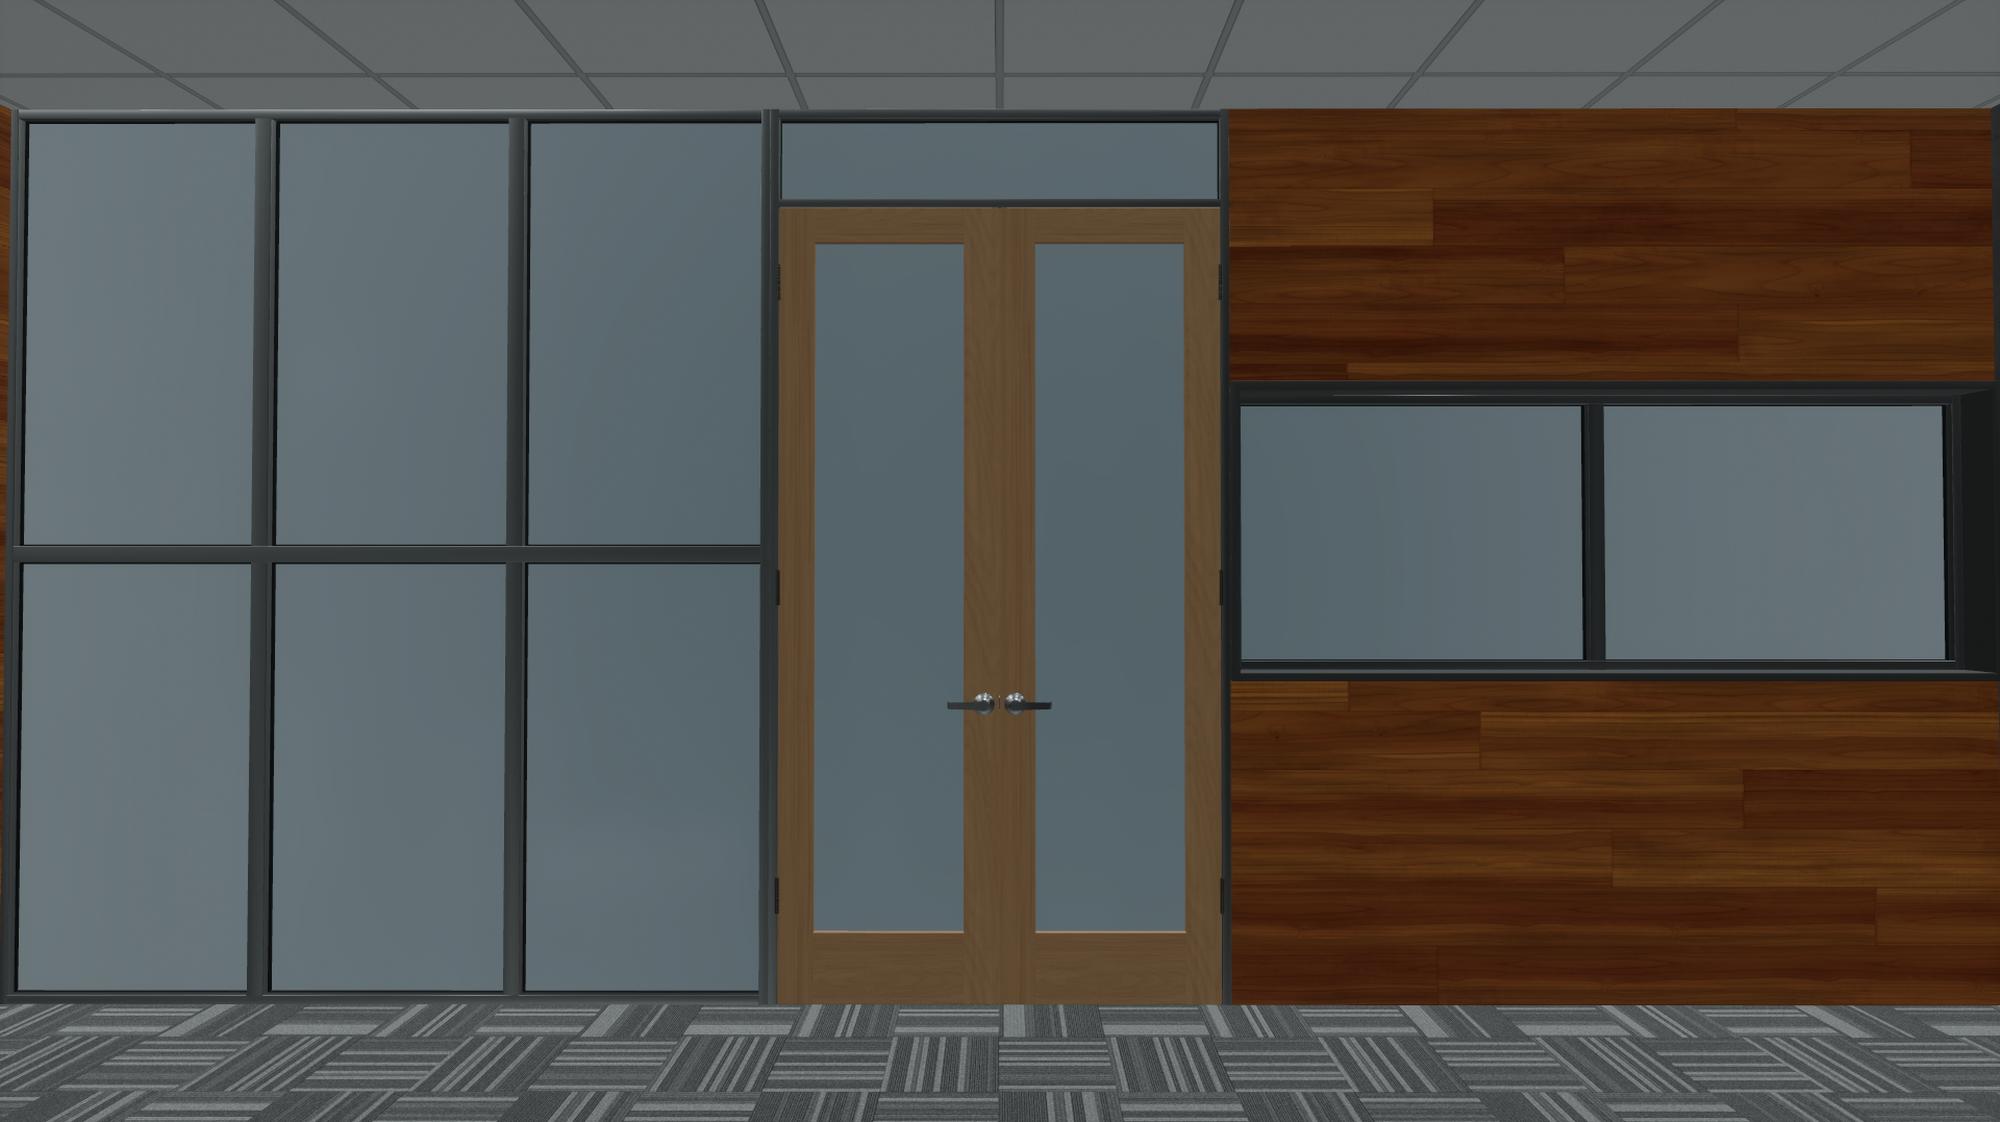 Glass wall, commercial door, commercial window